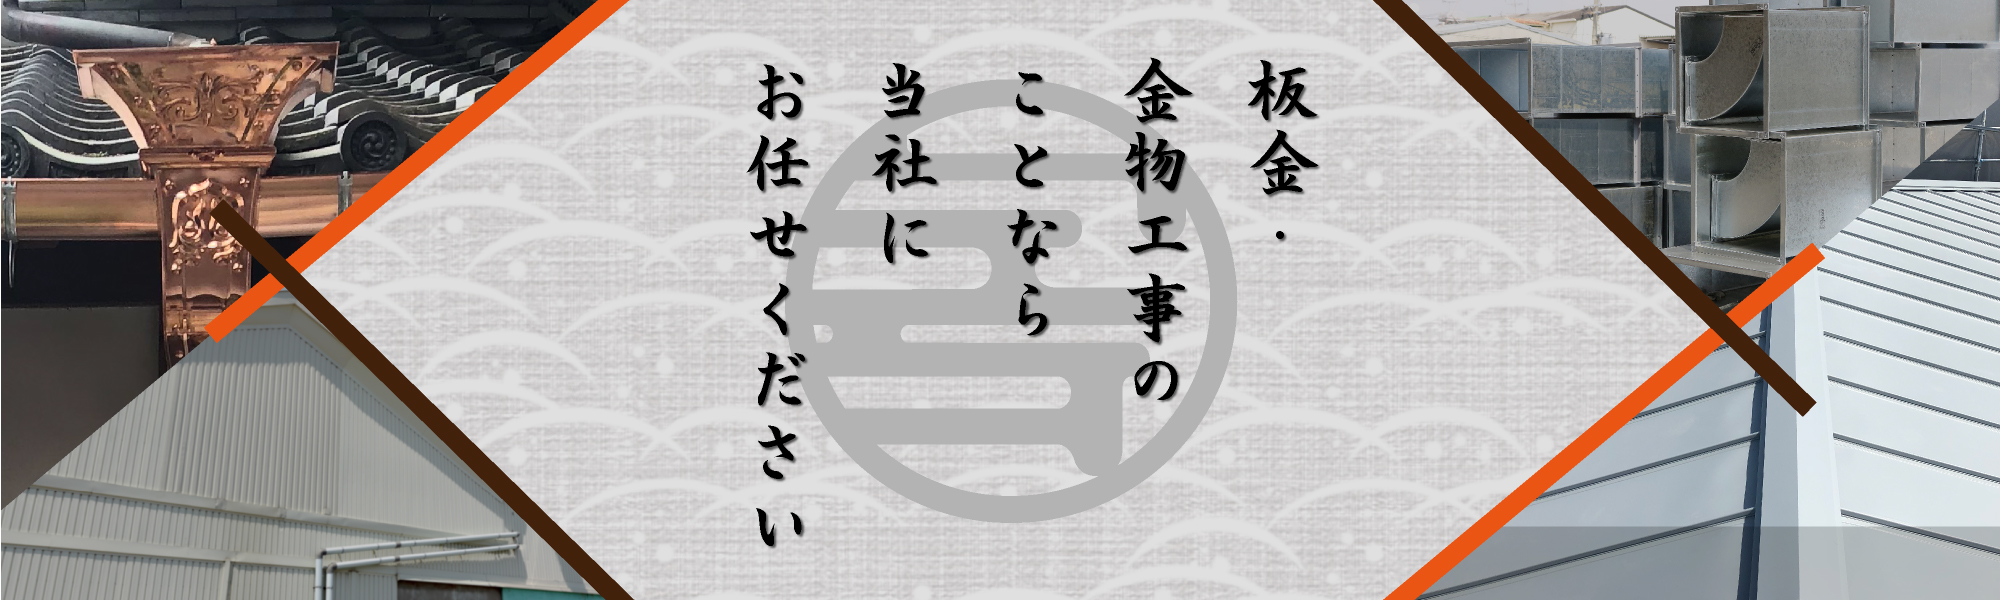 宮崎板金工作所のトップメインの画像